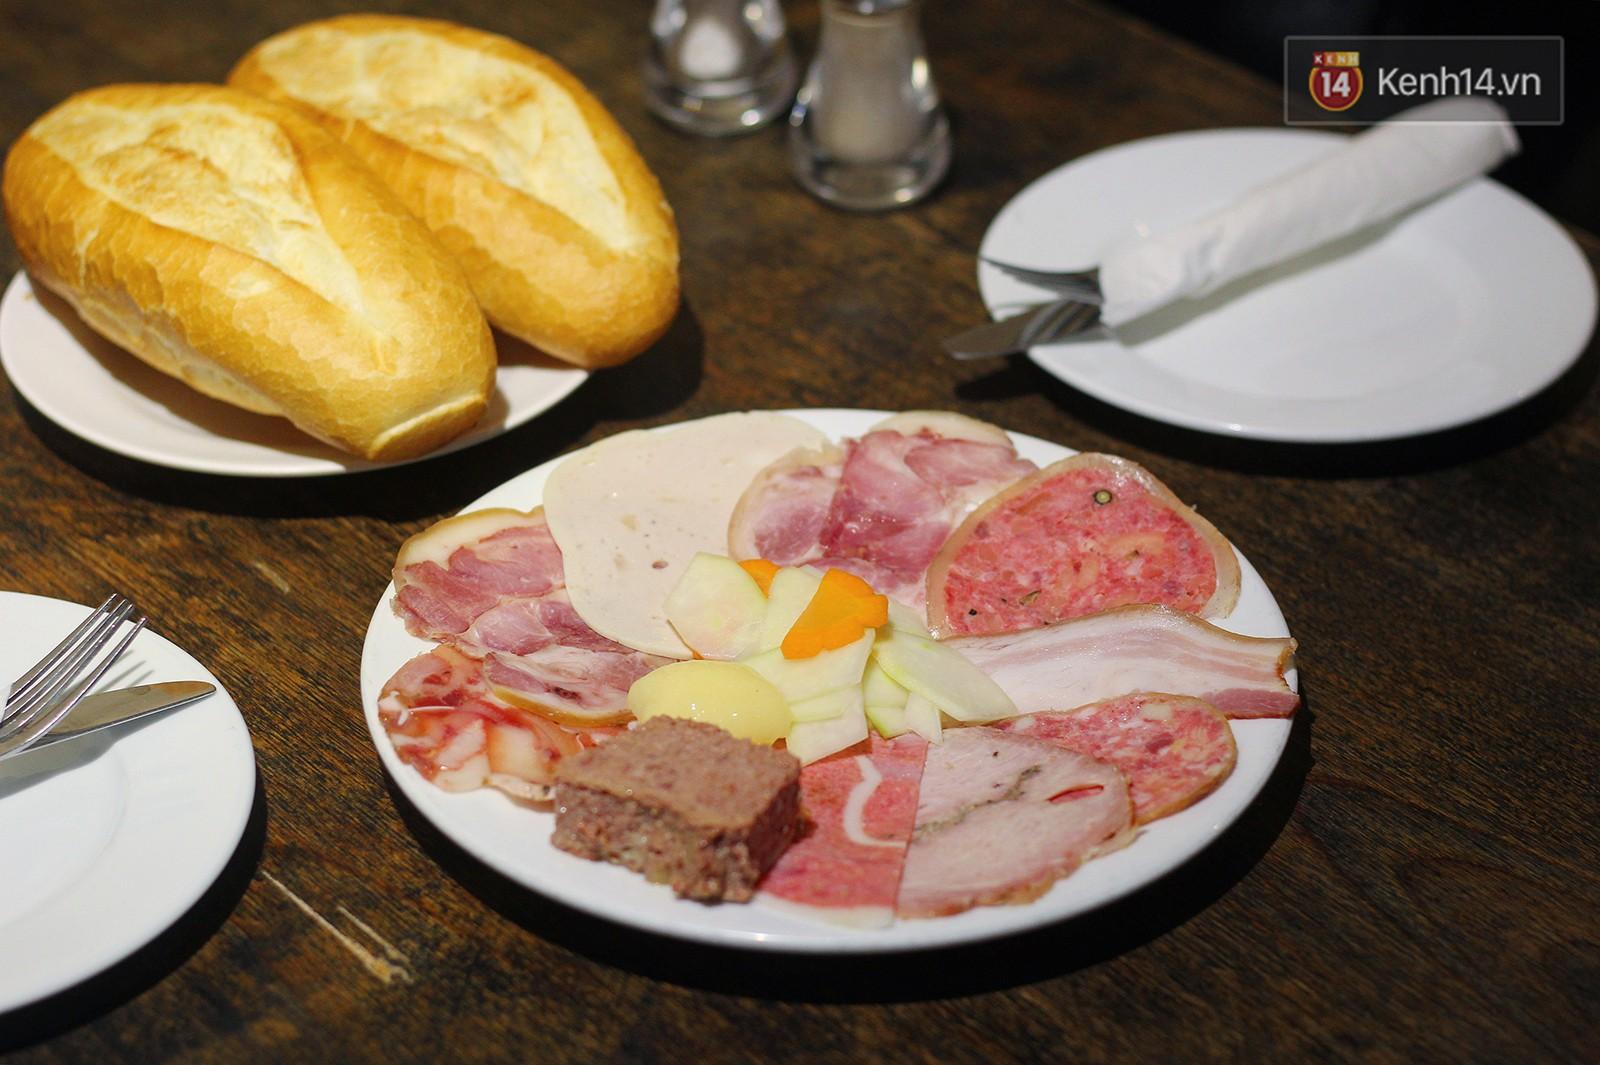 Hàng bánh mì xưa và đắt bậc nhất Hà Nội có món pate gan ngỗng trứ danh, đến giờ vẫn nổi và được nhiều người yêu thích - Ảnh 3.